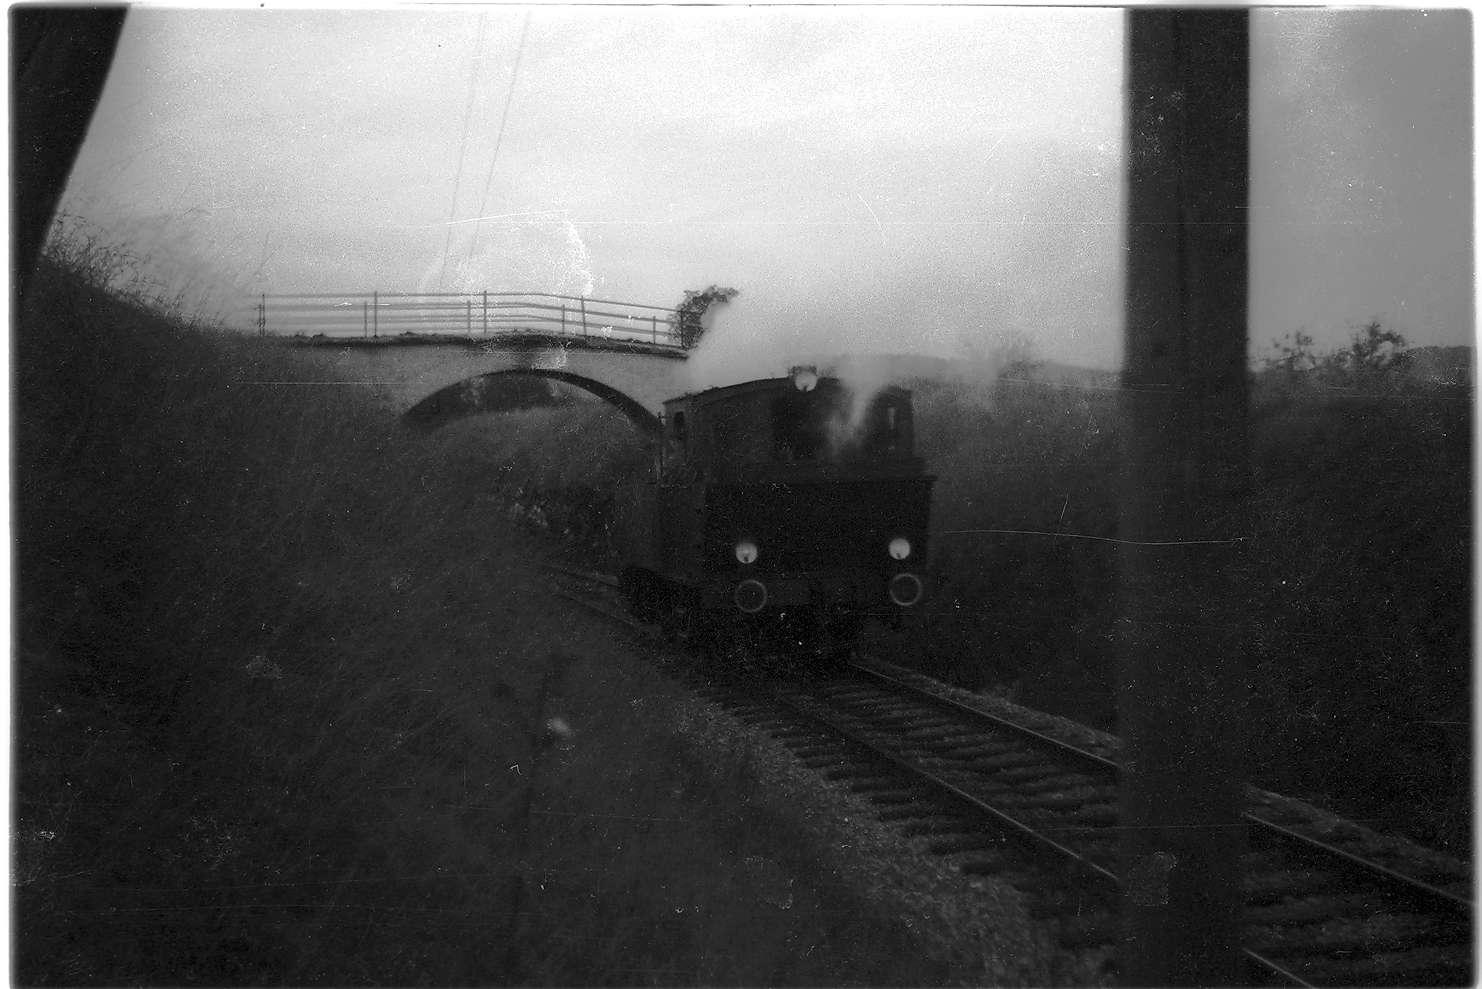 Gammertingen, Feldwegbrücke von 1908, 1975 durch Brücke Hochbergstraße ersetzt, Dampflok 11, Rückkehr vom Nachschieben zur Fehlahöhe, Bild 1